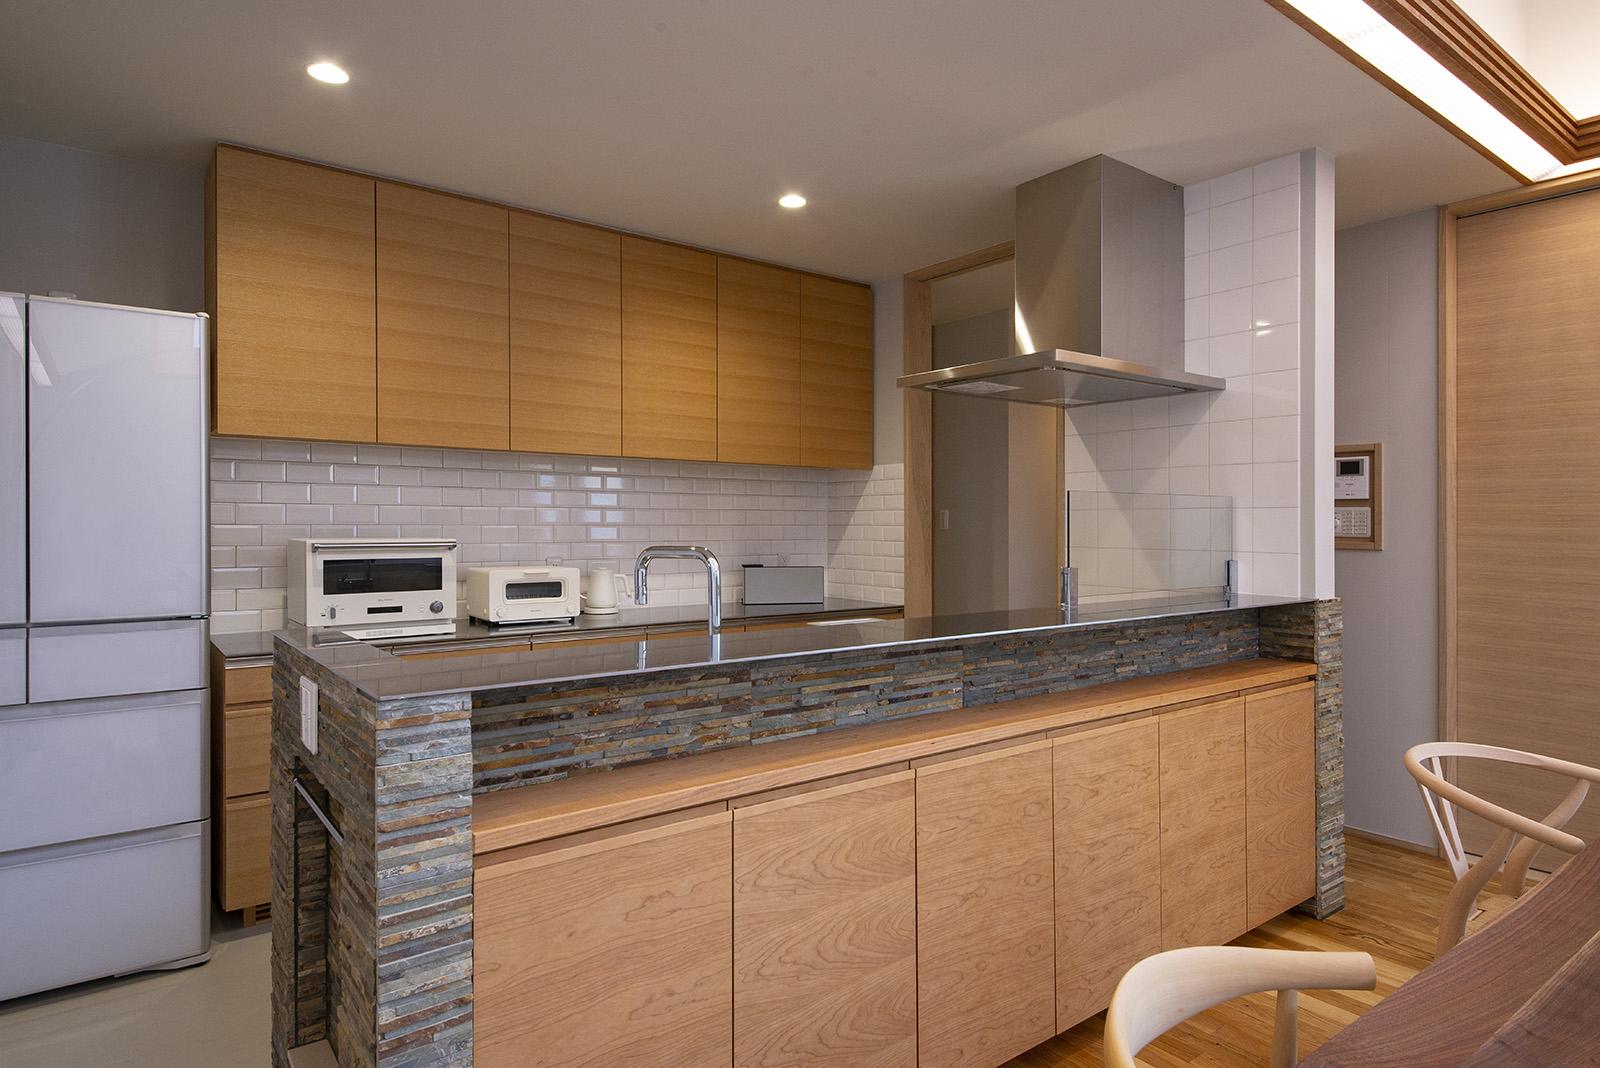 重厚な石とステンレス天板、木を組み合わせたキッチンはグレード感のある雰囲気